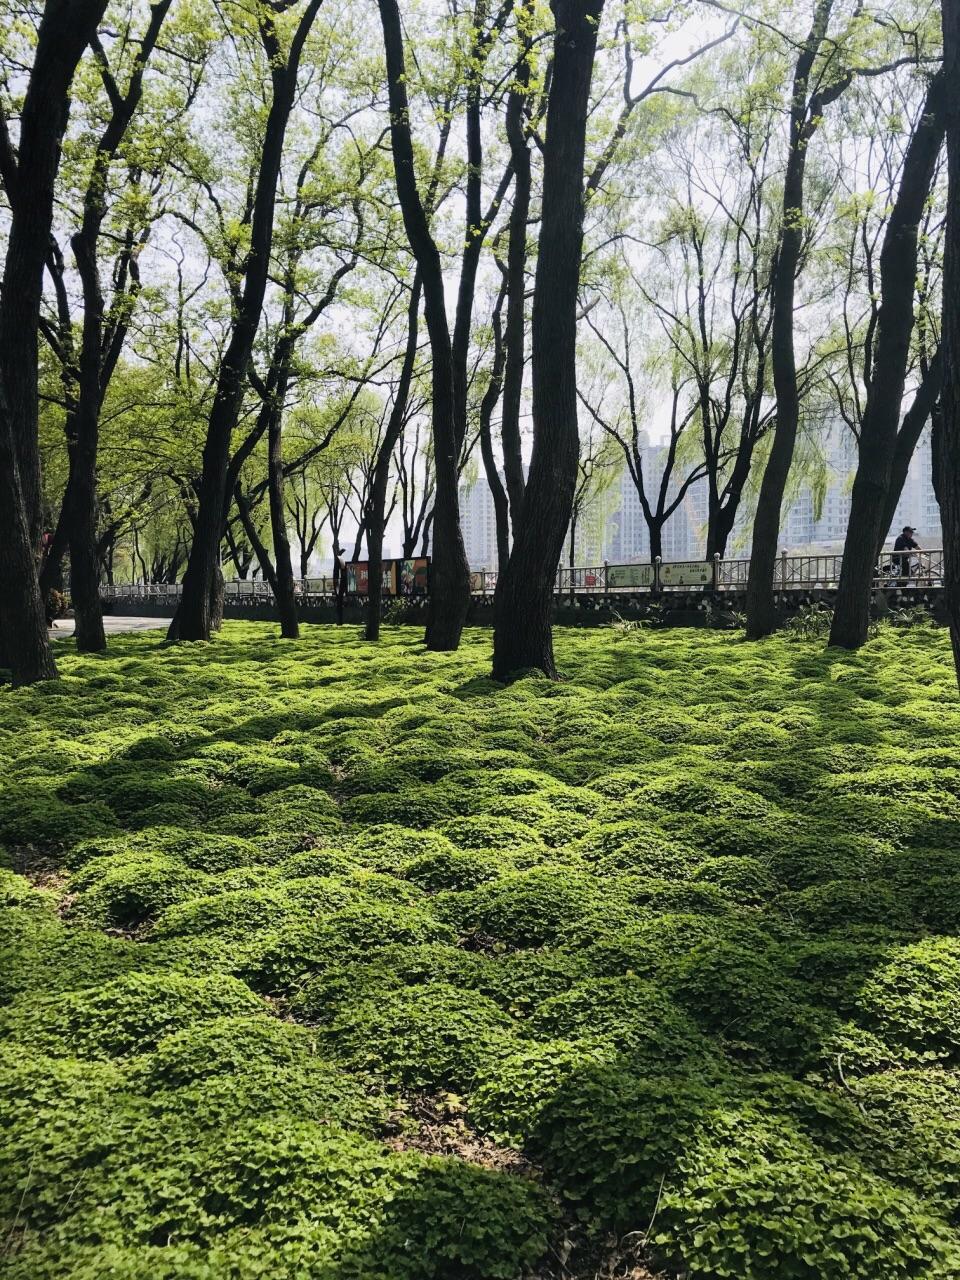 【携程攻略】信阳浉河公园好玩吗,信阳浉河公园景点样